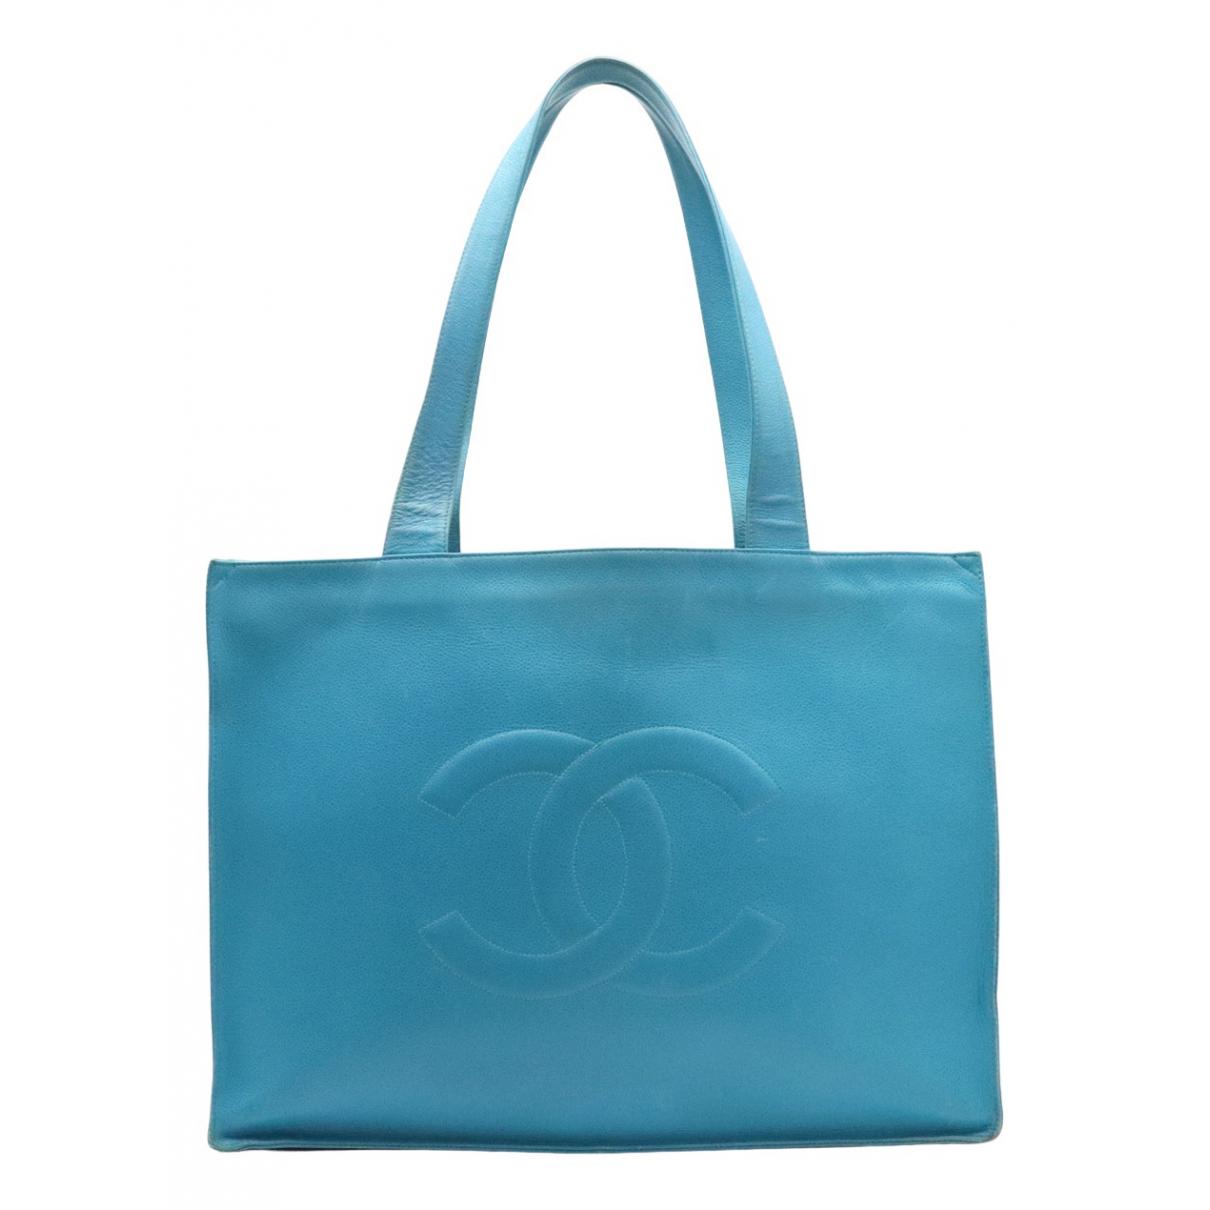 Chanel - Sac a main   pour femme en cuir - turquoise